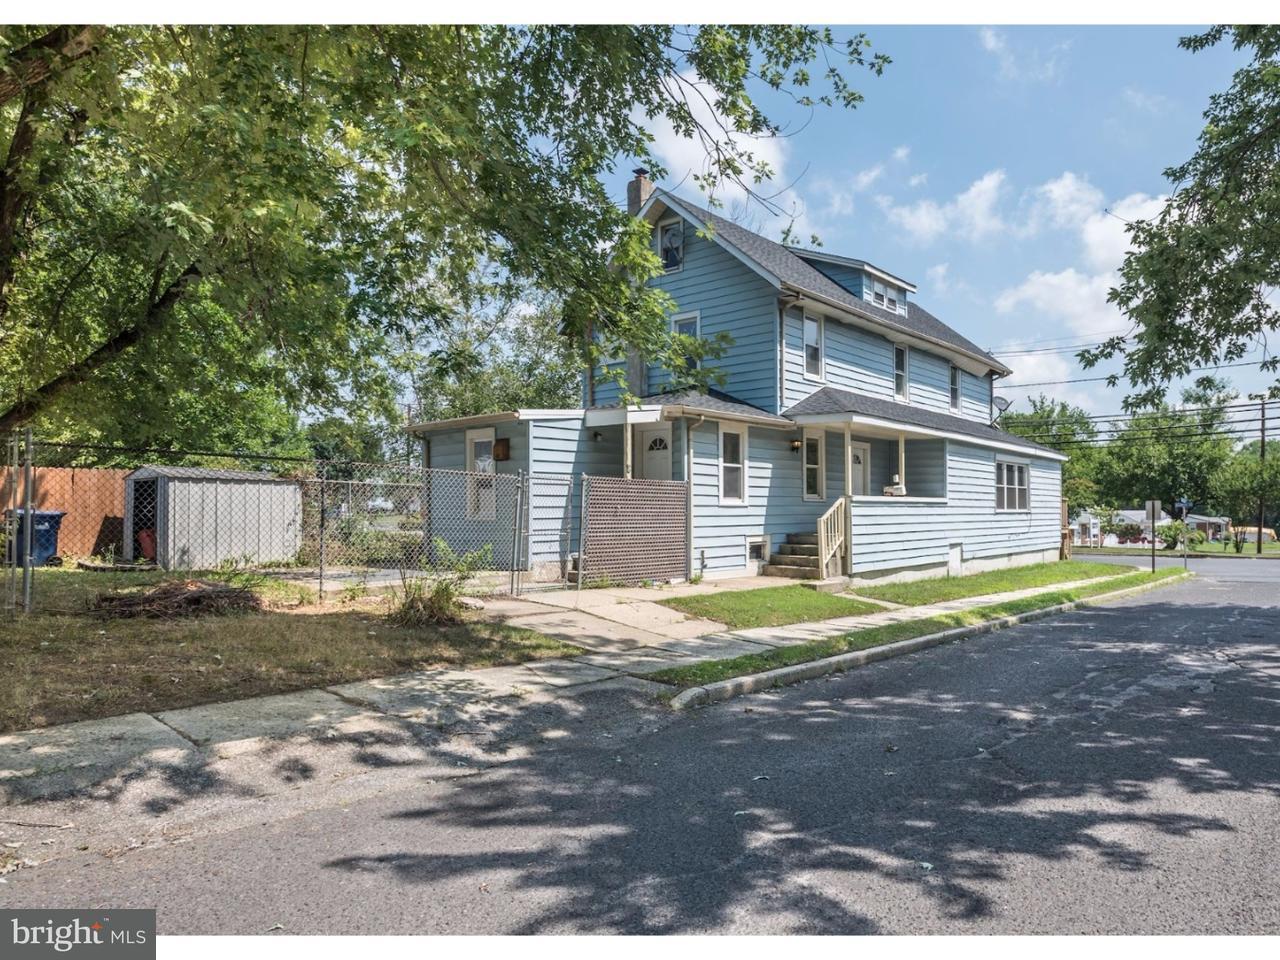 Casa Unifamiliar por un Alquiler en 113 S WARWICK Road Somerdale, Nueva Jersey 08083 Estados Unidos